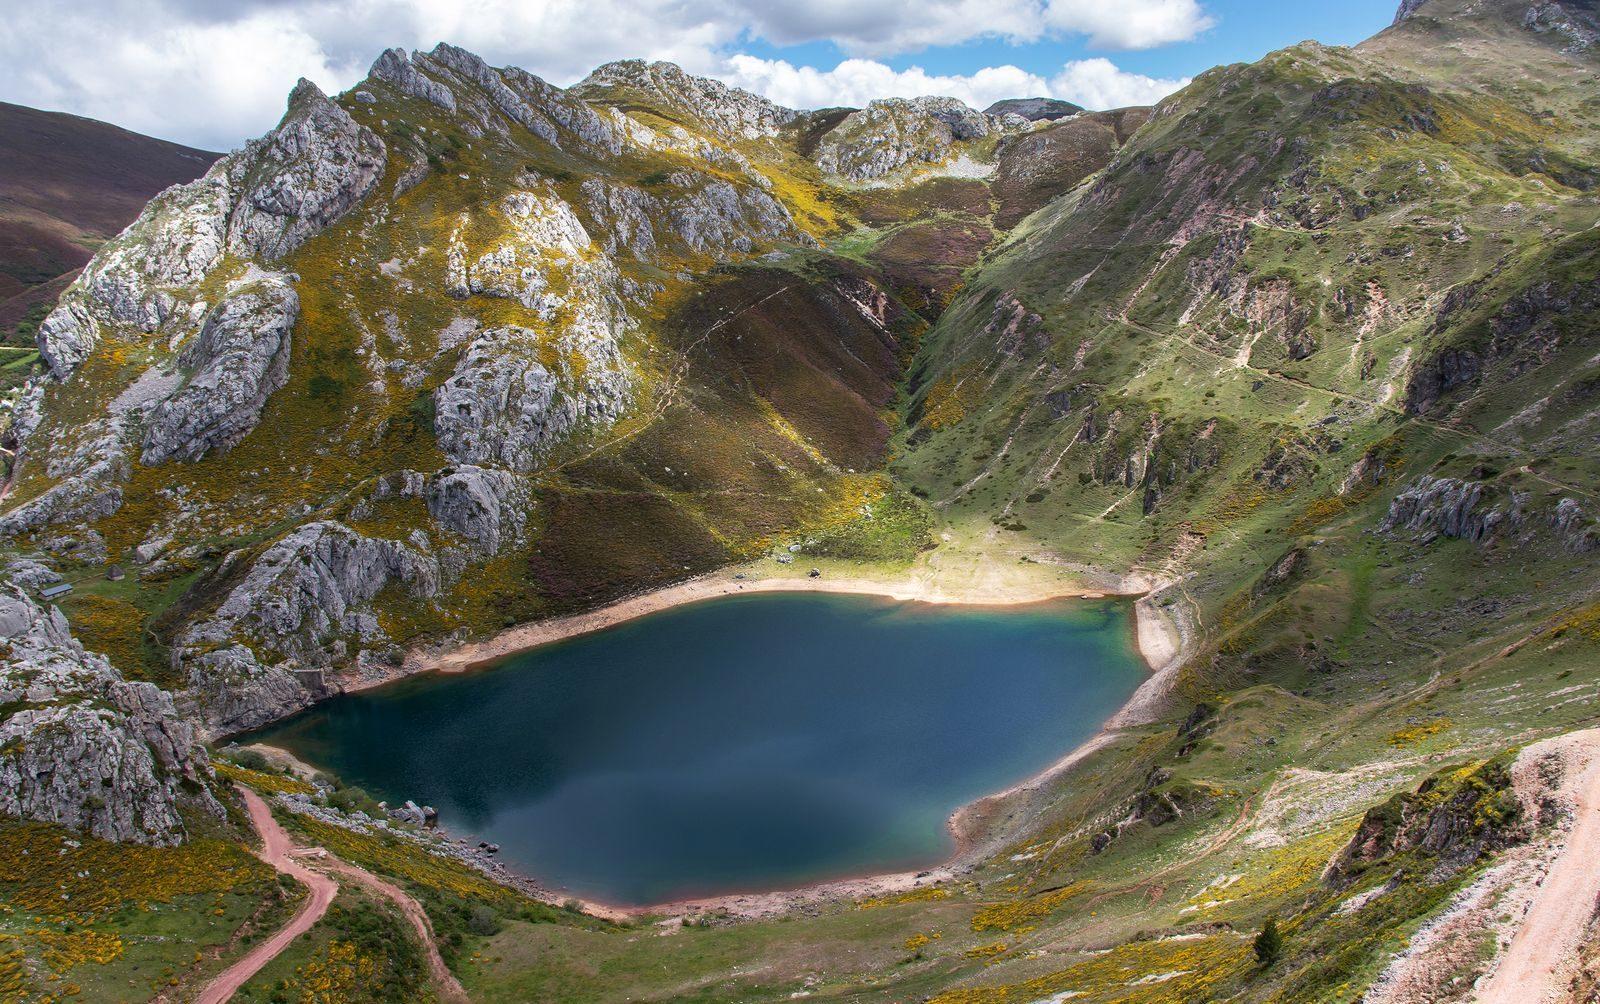 somiedo e1587311449321 - Somiedo Natural Park-Asturias-Spain